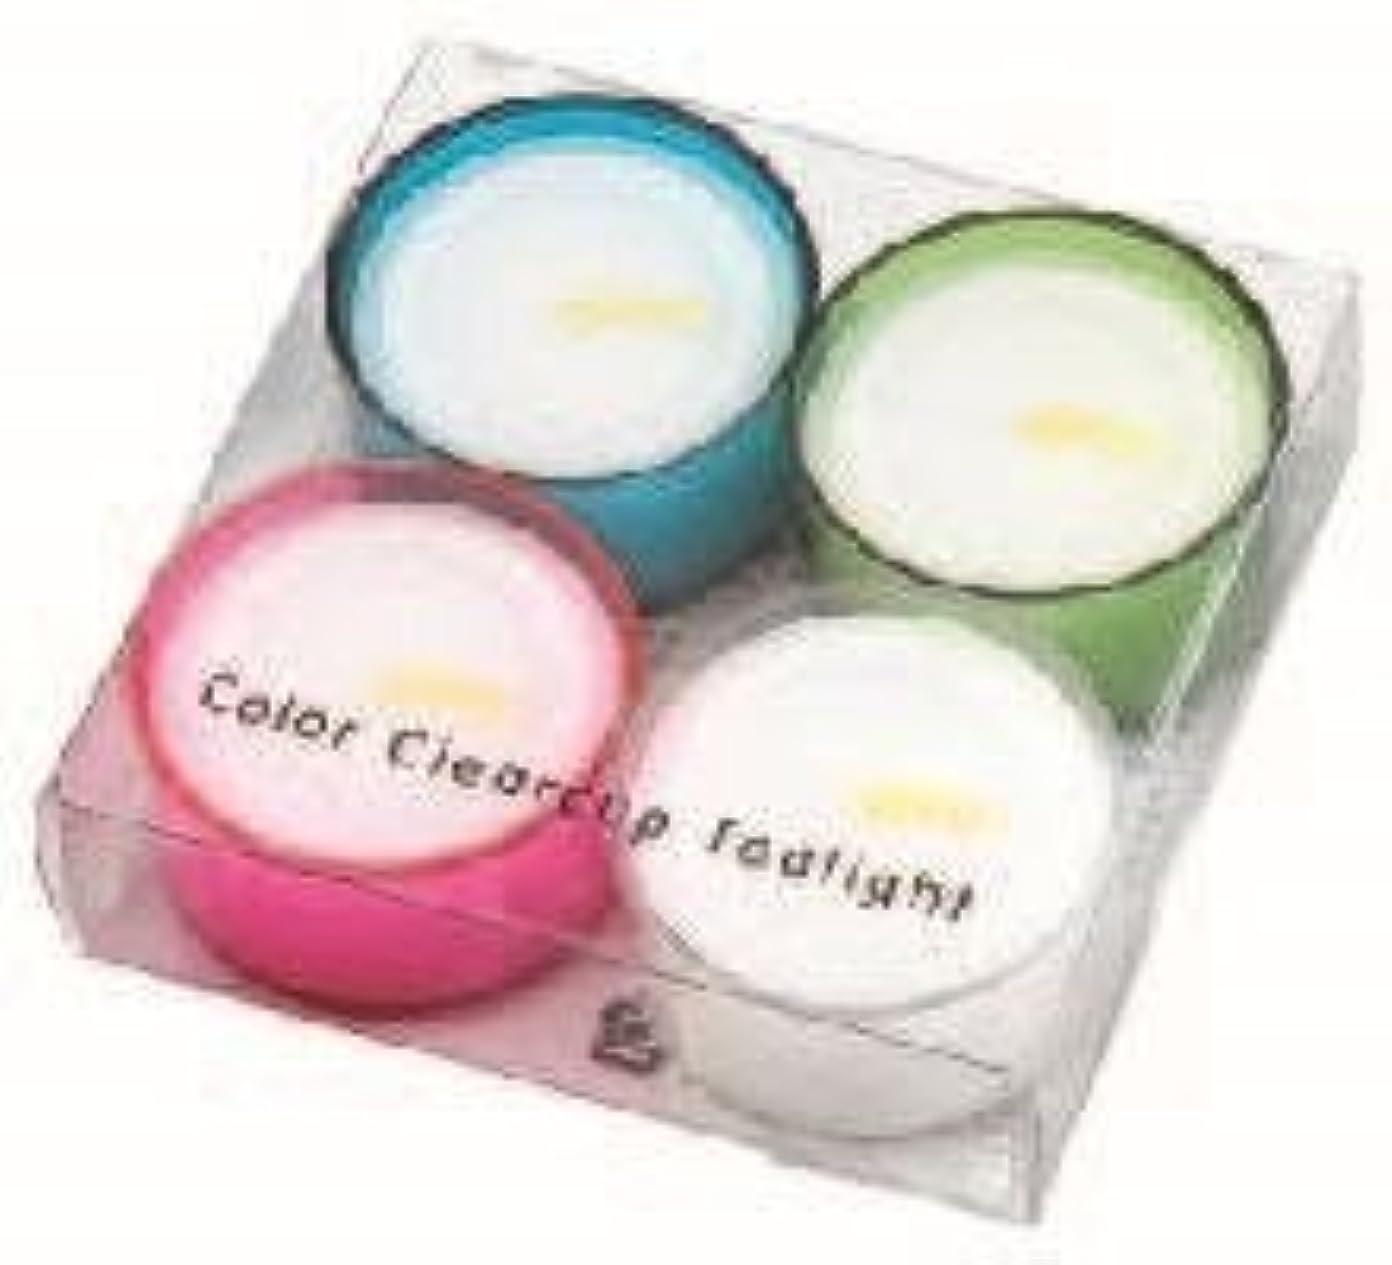 無実スパイラル闇カメヤマキャンドル( kameyama candle ) カラークリアカップティーライト4個入り 「 4色アソート 」